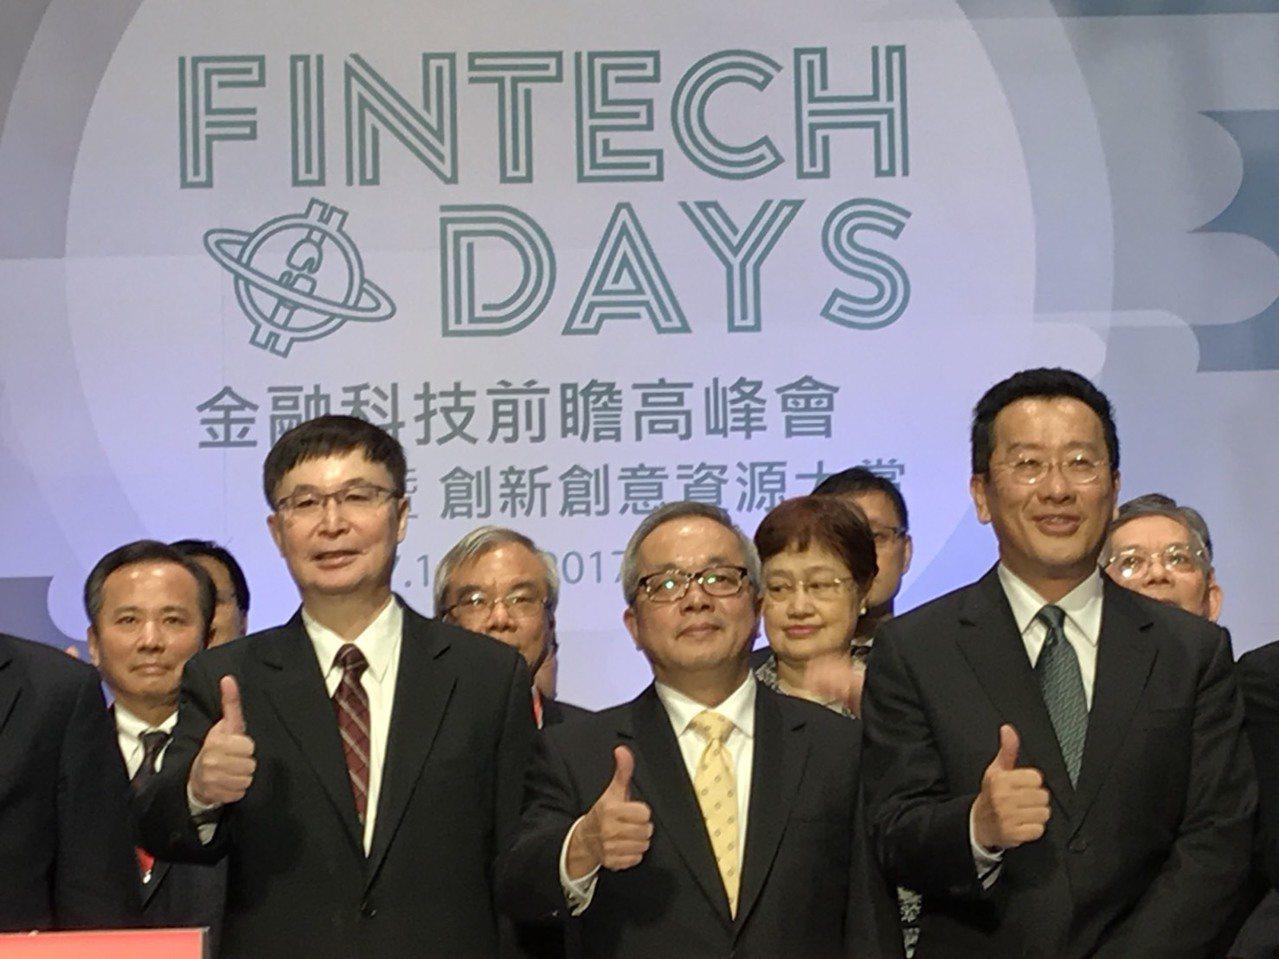 行政院副院長施俊吉(前排右二)。記者陳怡慈/攝影